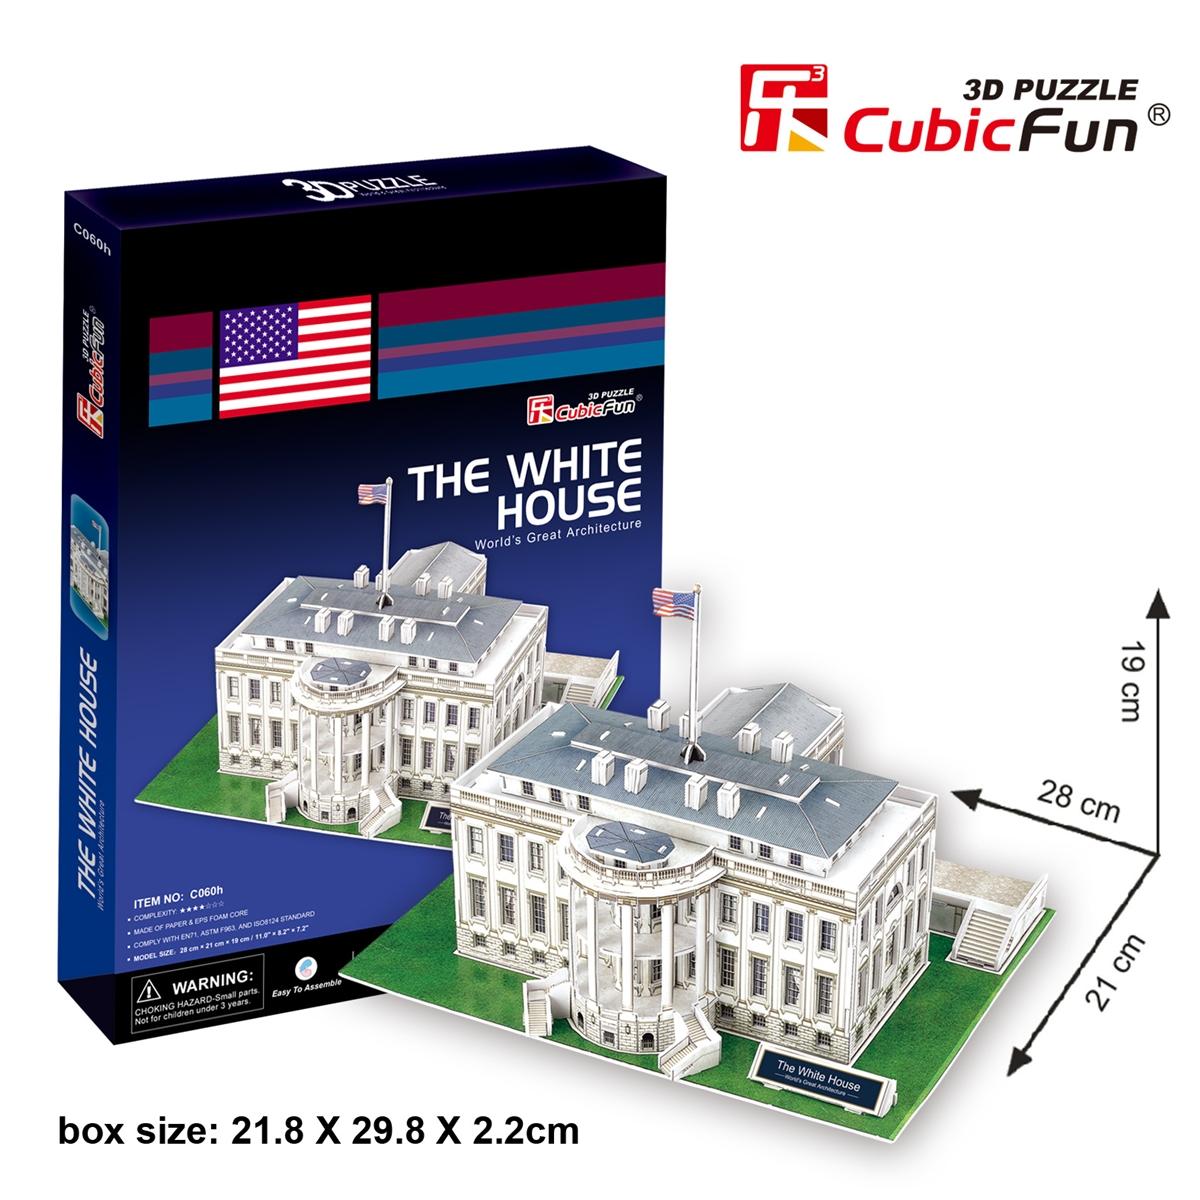 CubicFun 3D Puzzle The White House ทำเนียบขาว จิ๊กซอว์ 3 มิติ Model Size 28x21x19 cm Total 65 pcs.